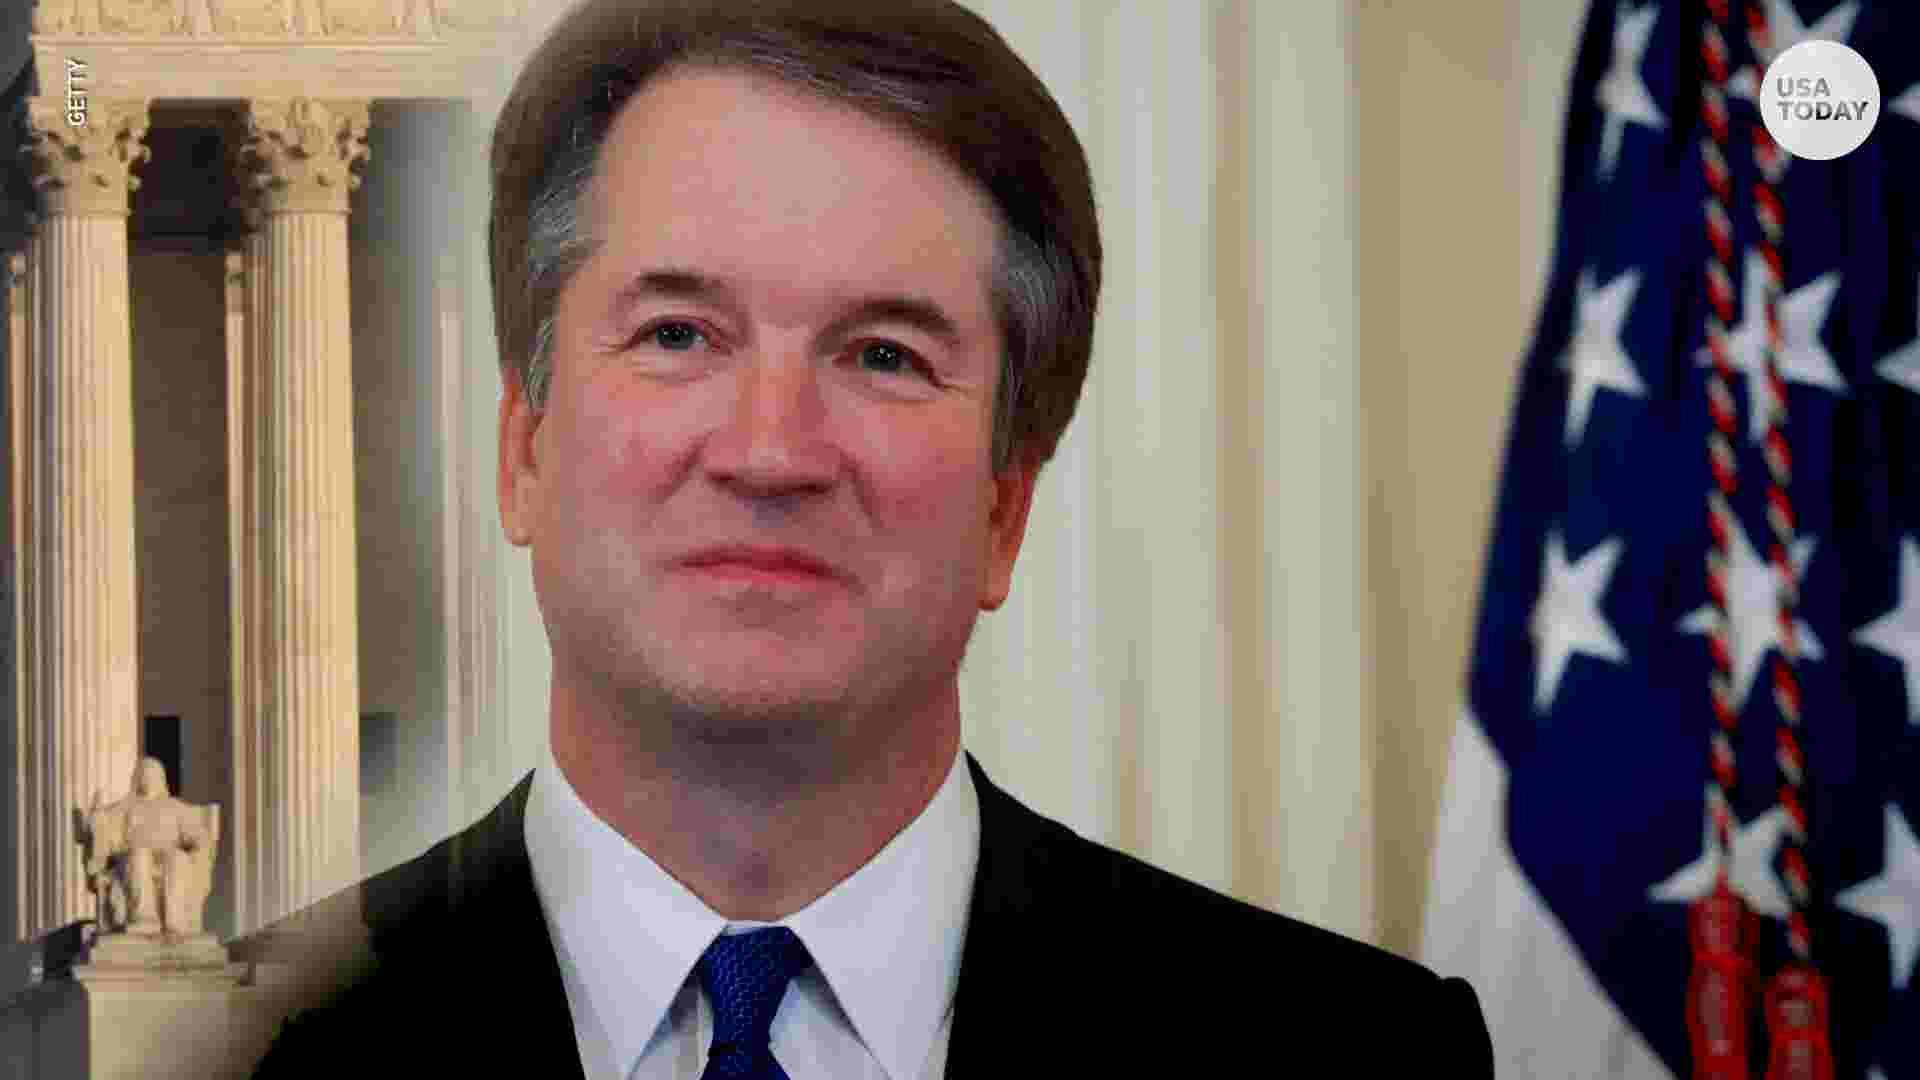 3935f2e8 Brett Kavanaugh sworn in as Supreme Court justice, cementing conservative  control